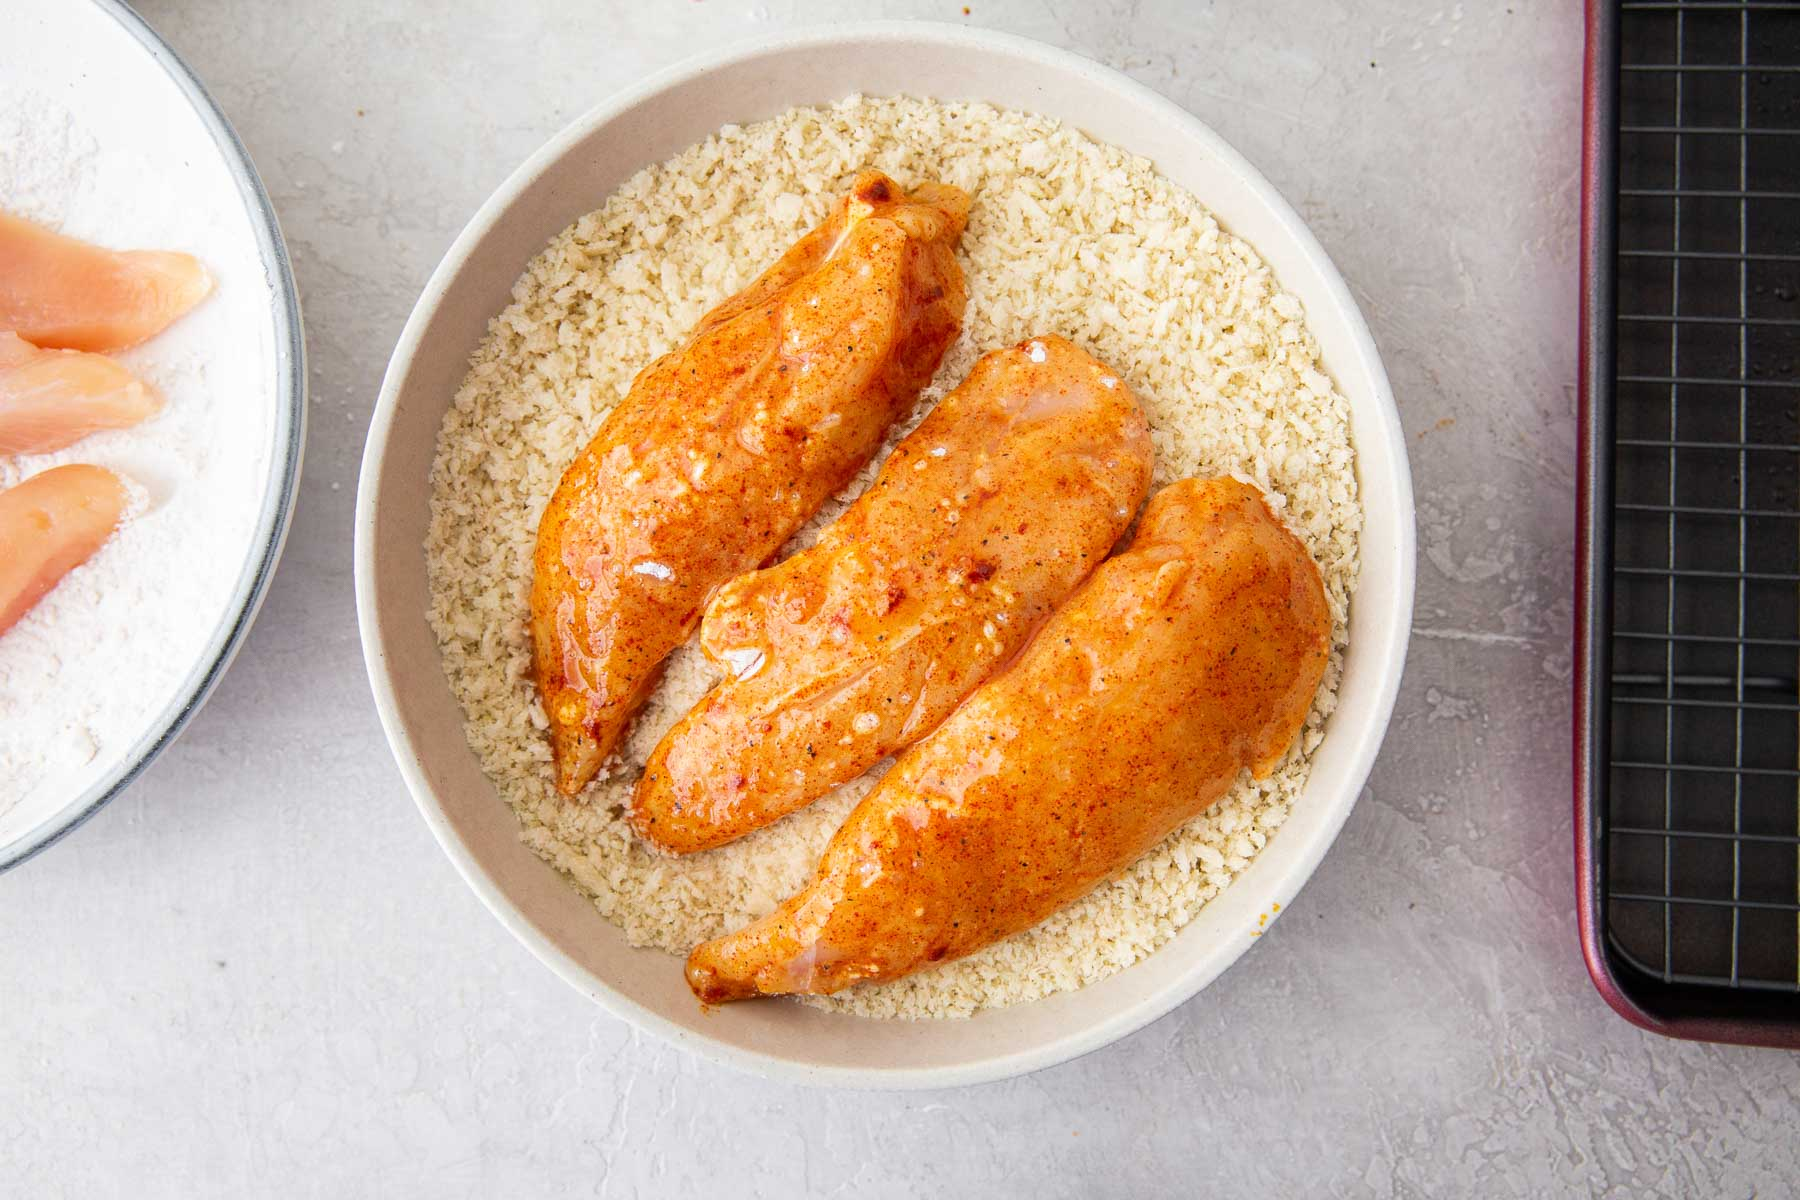 coating chicken in panko bread crumbs